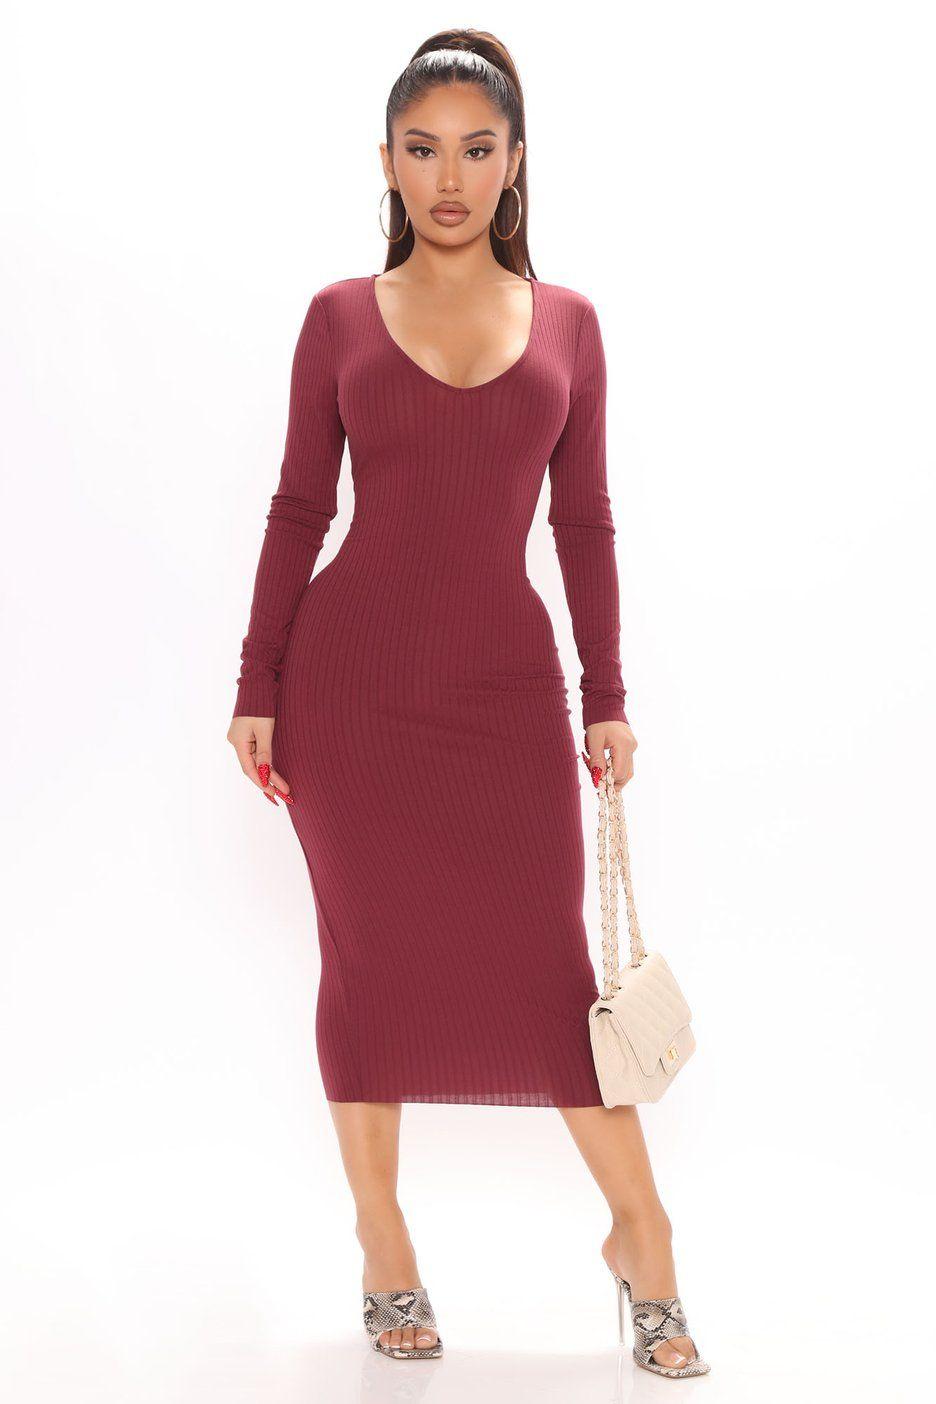 Low Key Ribbed Midi Dress Wine In 2021 Ribbed Midi Dress Midi Dress Dresses [ 1404 x 936 Pixel ]